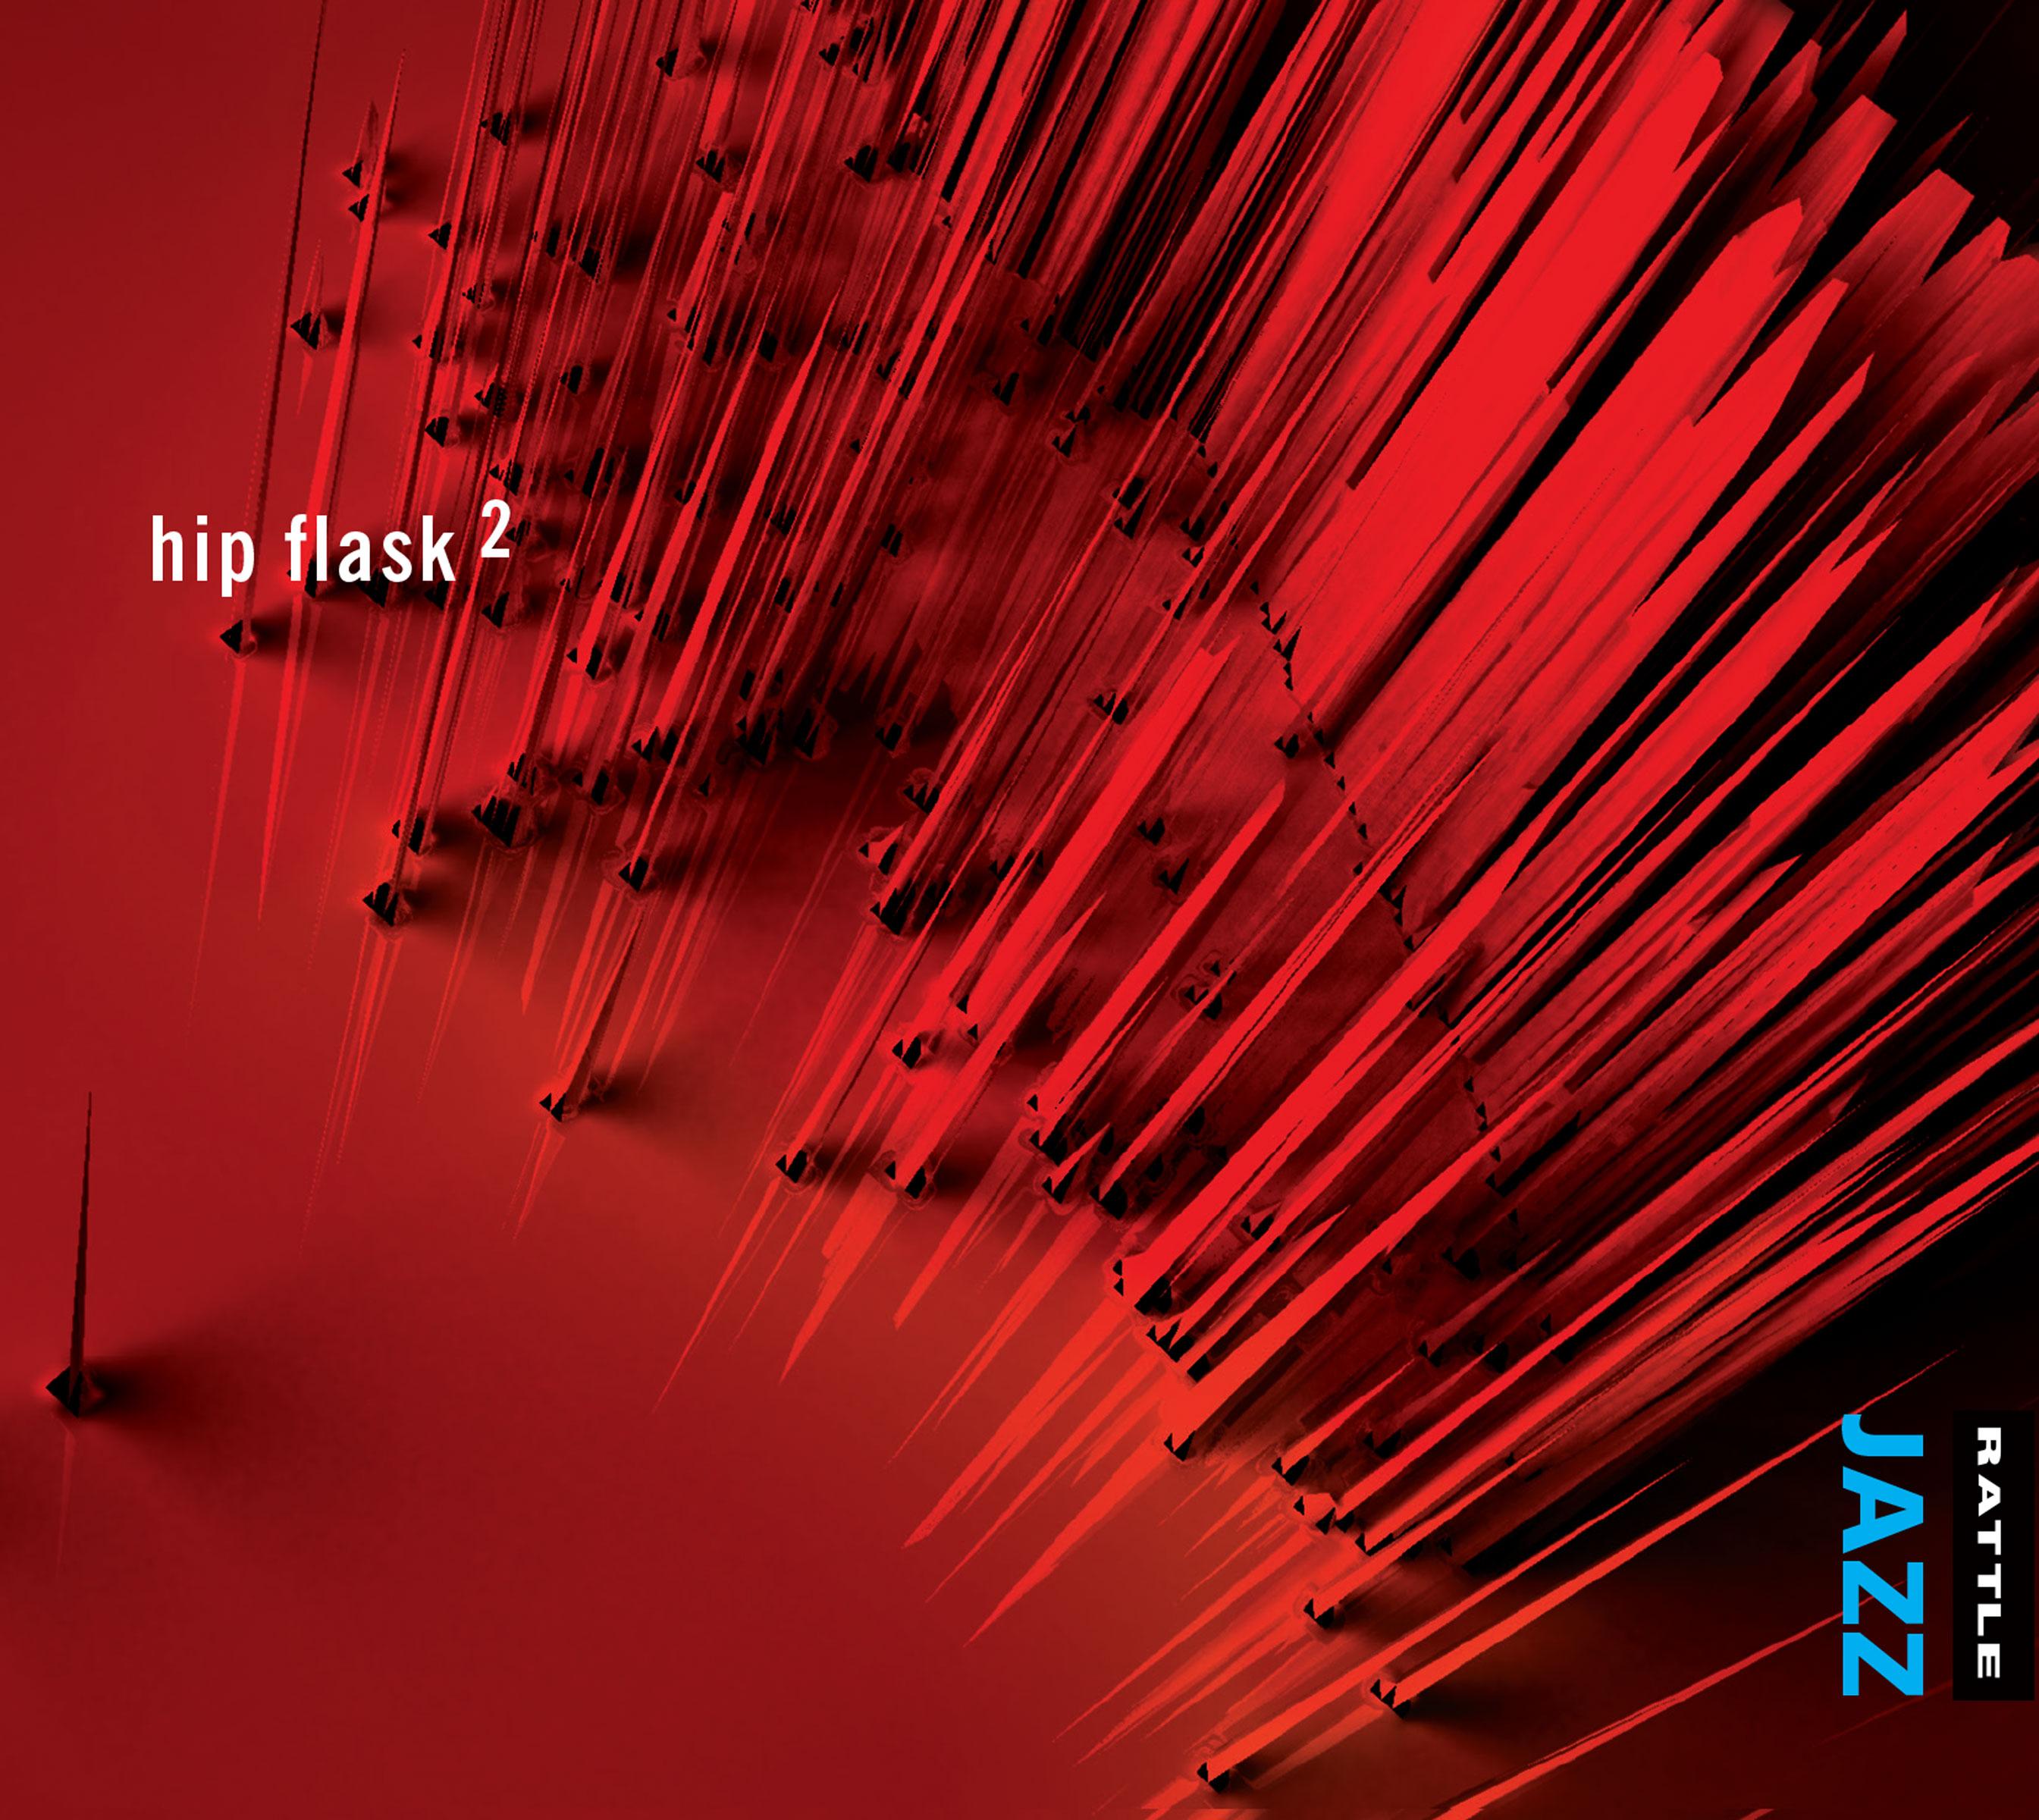 Hip Flask | 2 - downloadable MP3 ALBUM